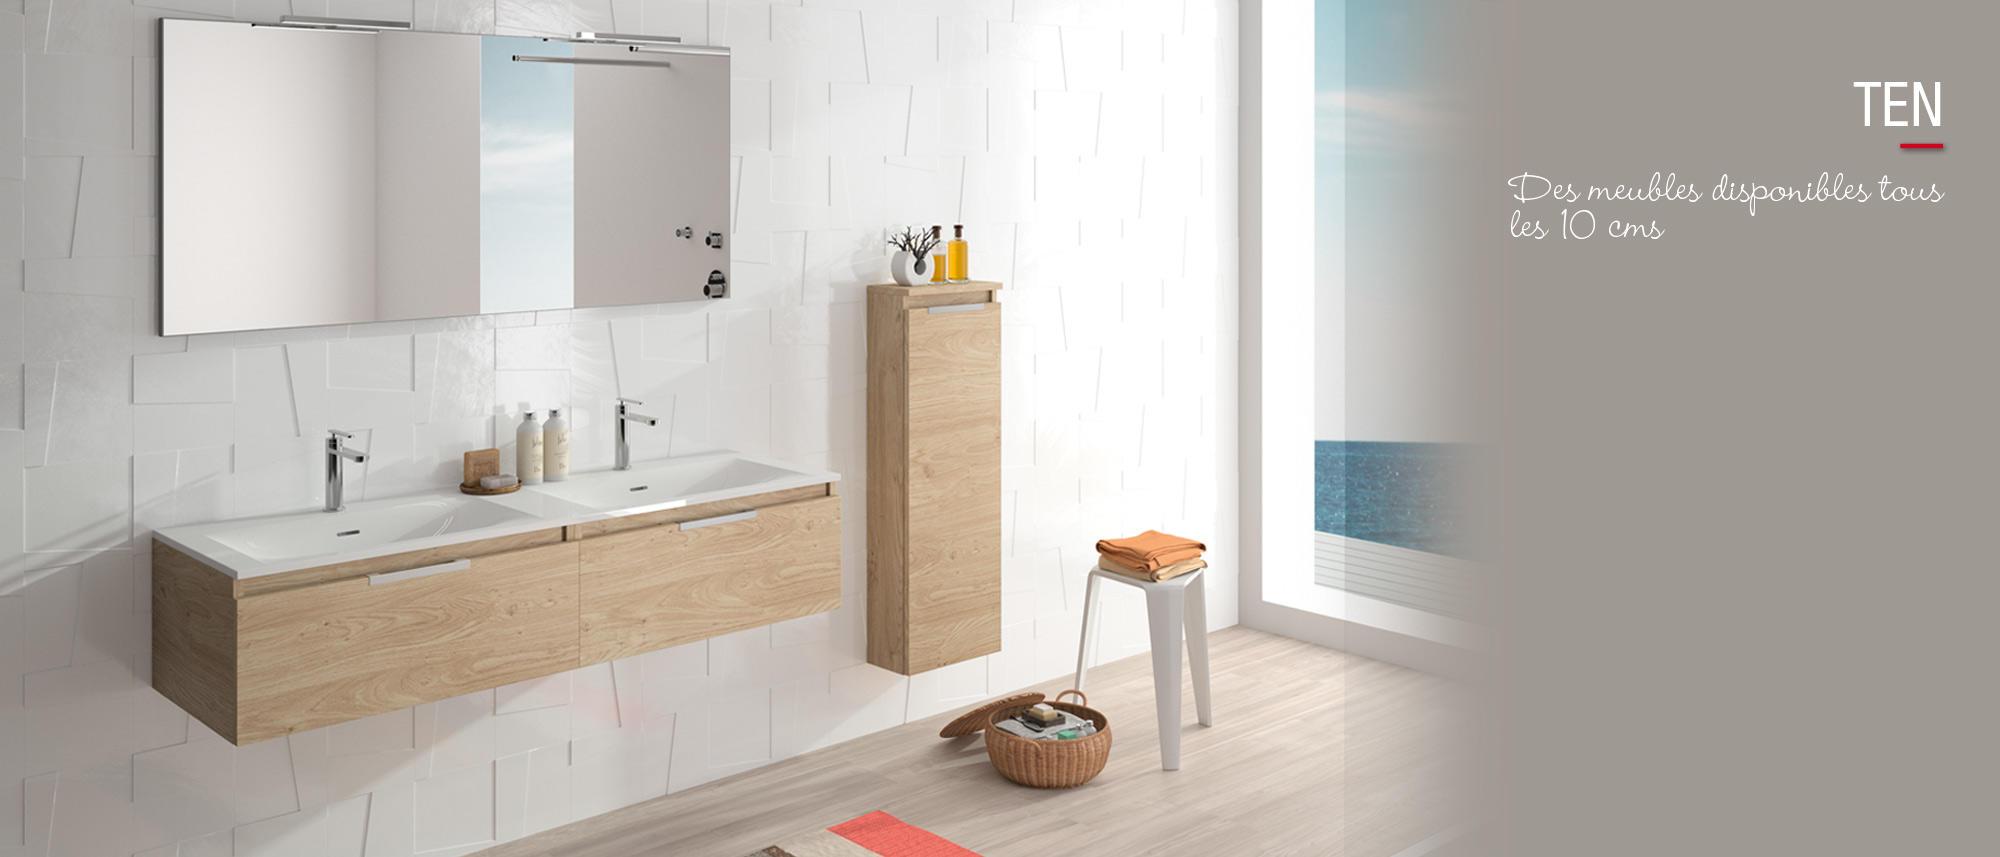 Meuble salle de bain fabrication allemande cool meuble - Meuble salle de bain fabrication allemande ...